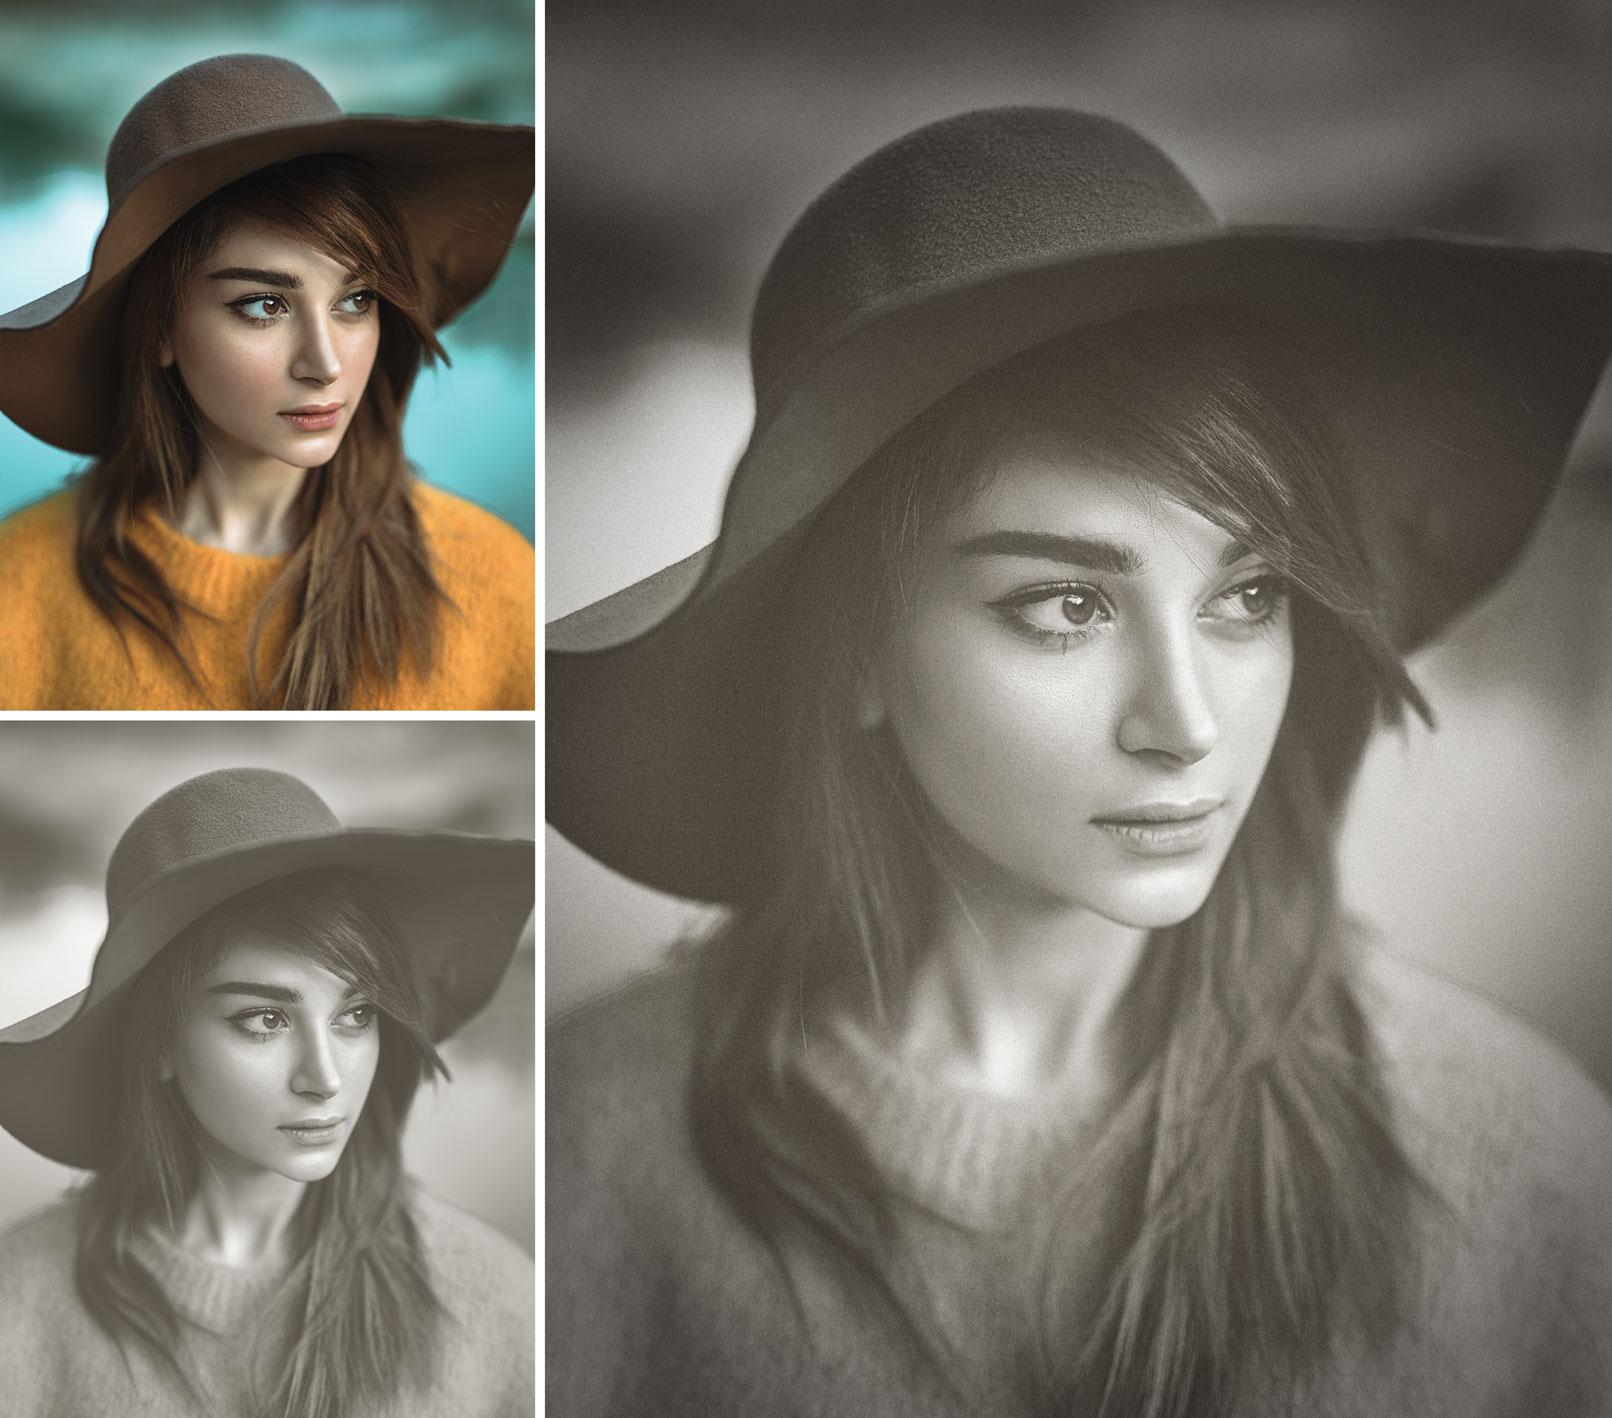 Anwendung von Affinity Photo Makros zur Schwarz-Weiß-Umwandlung am Beispiel eines Frauen-Porträts